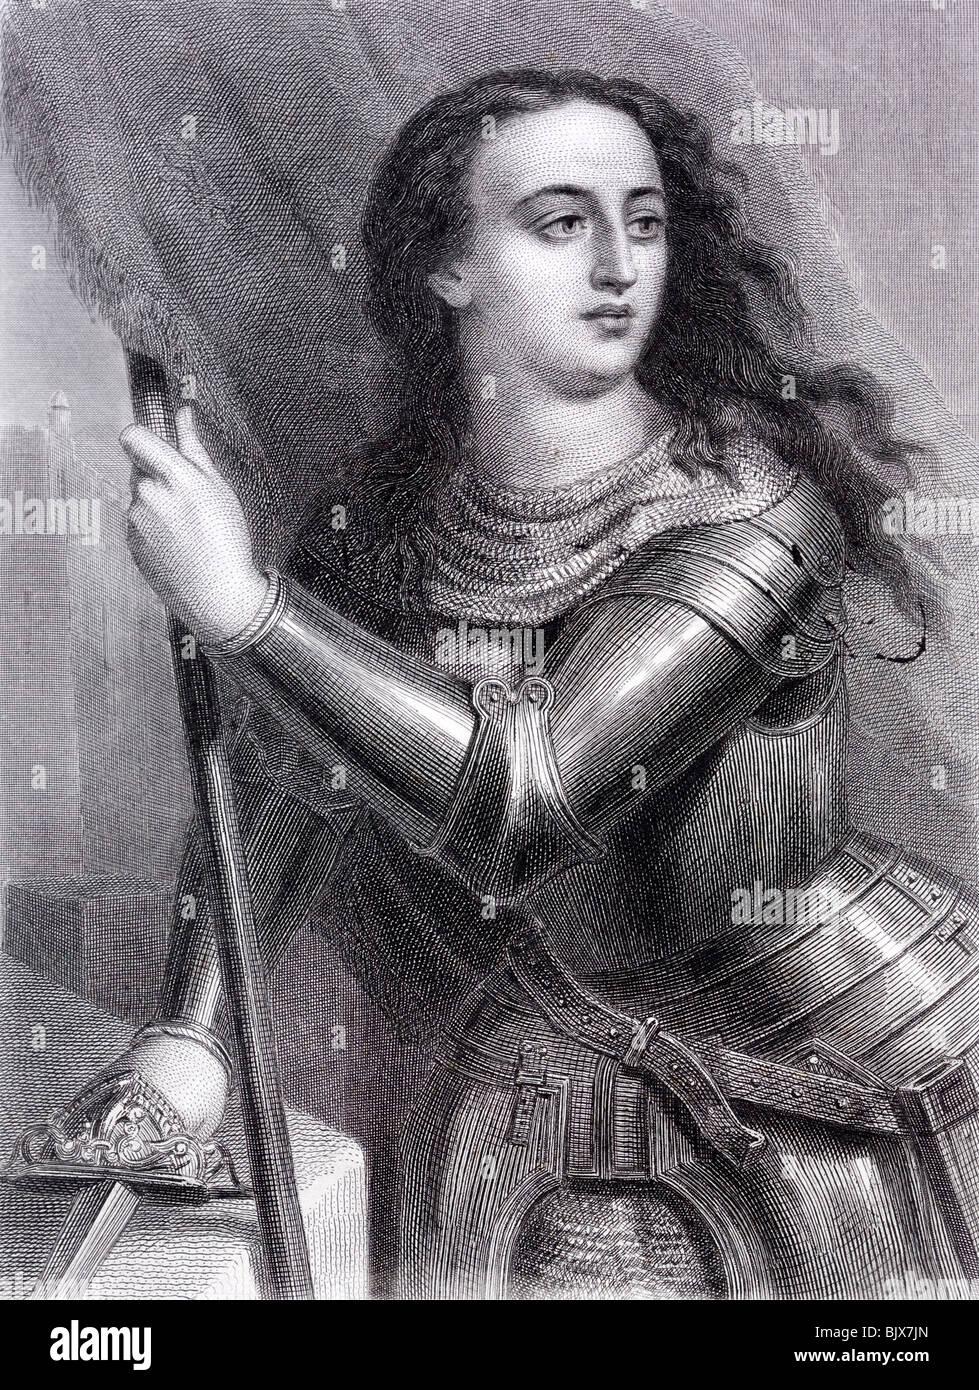 Sainte Jeanne d'arc ou la Pucelle d'Orléans l'héroïne nationale de la France et un Saint Photo Stock